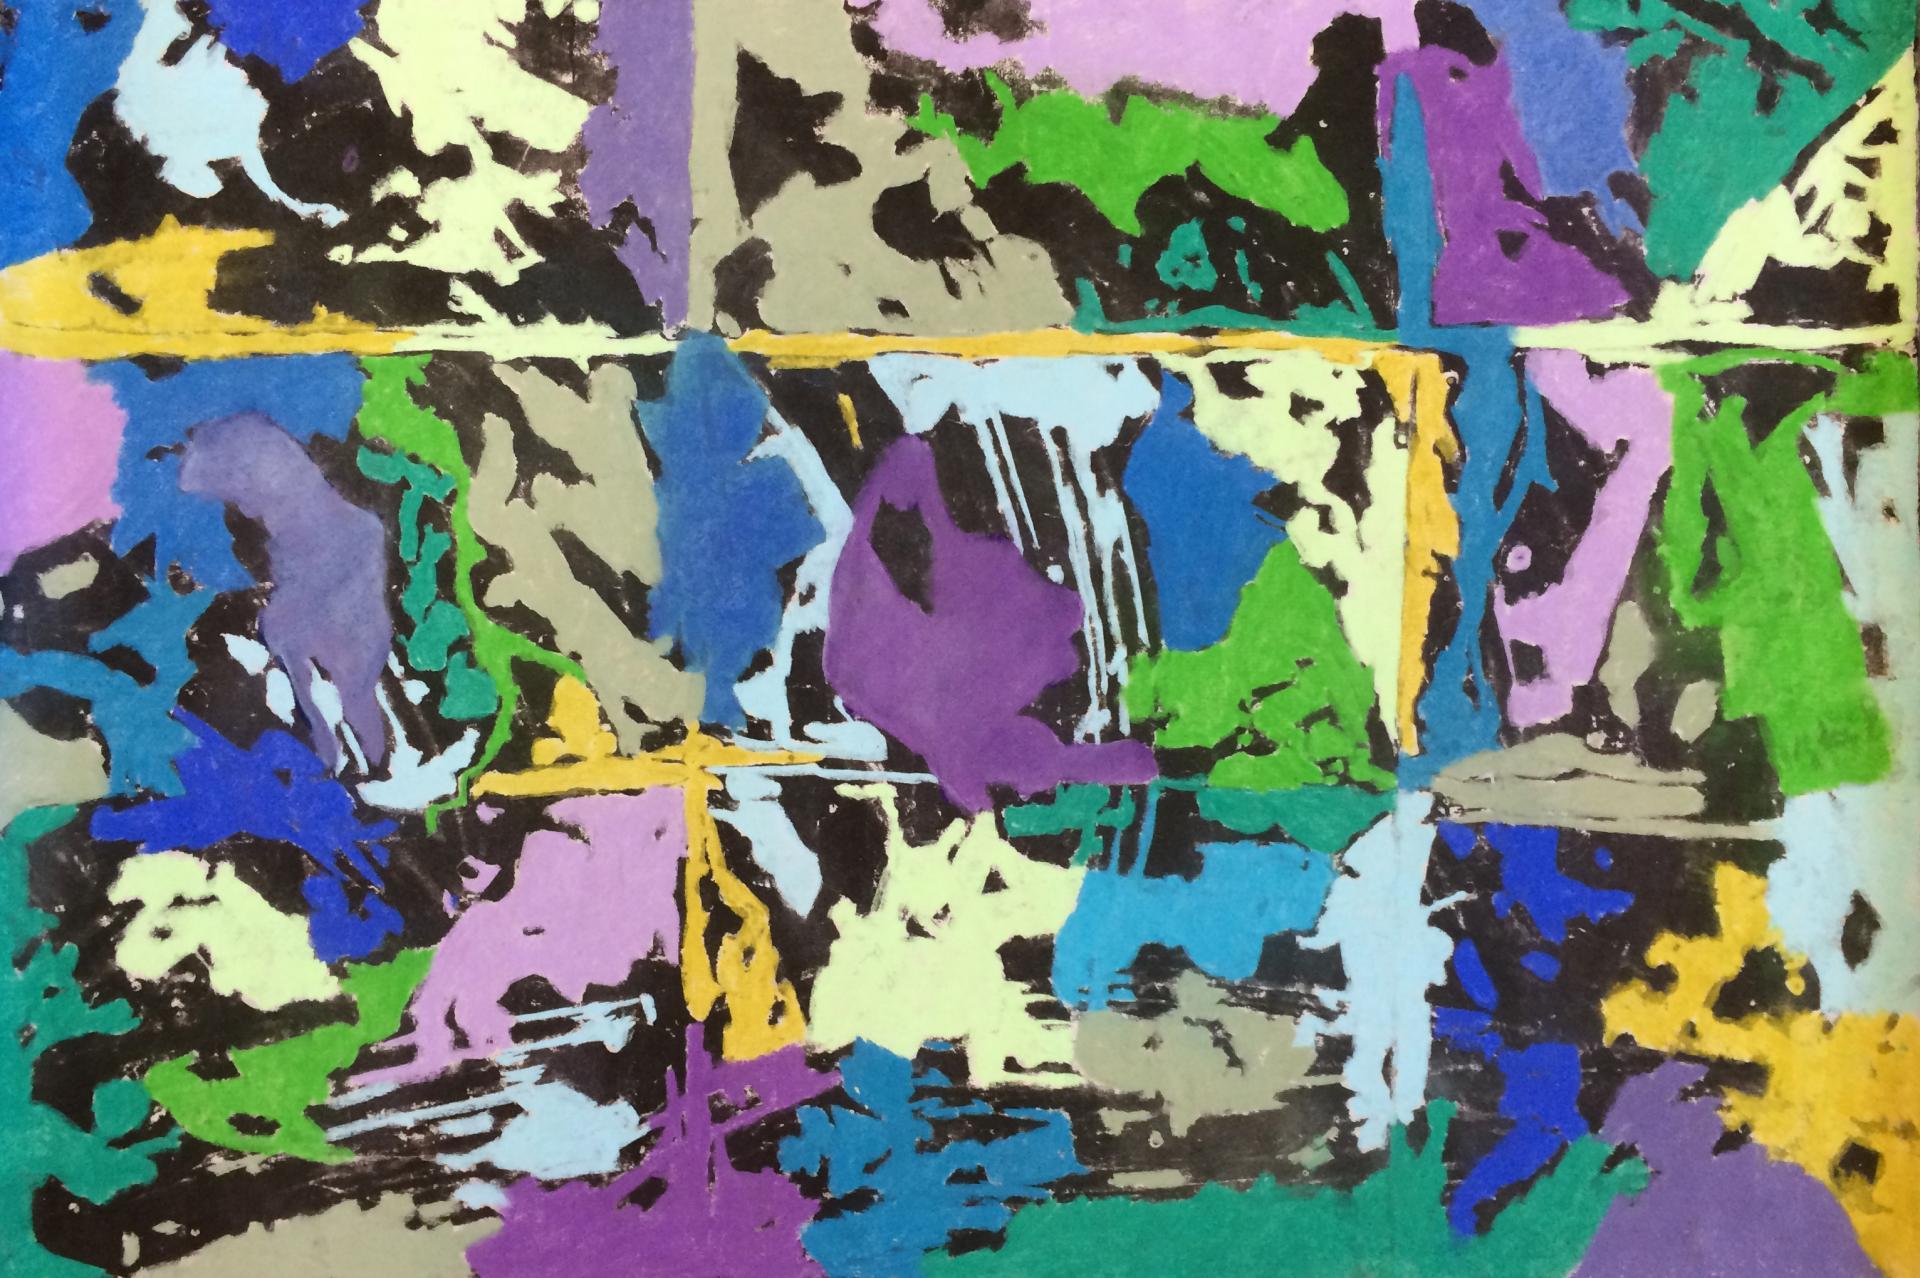 201601 70 x110 encre et pastels secs